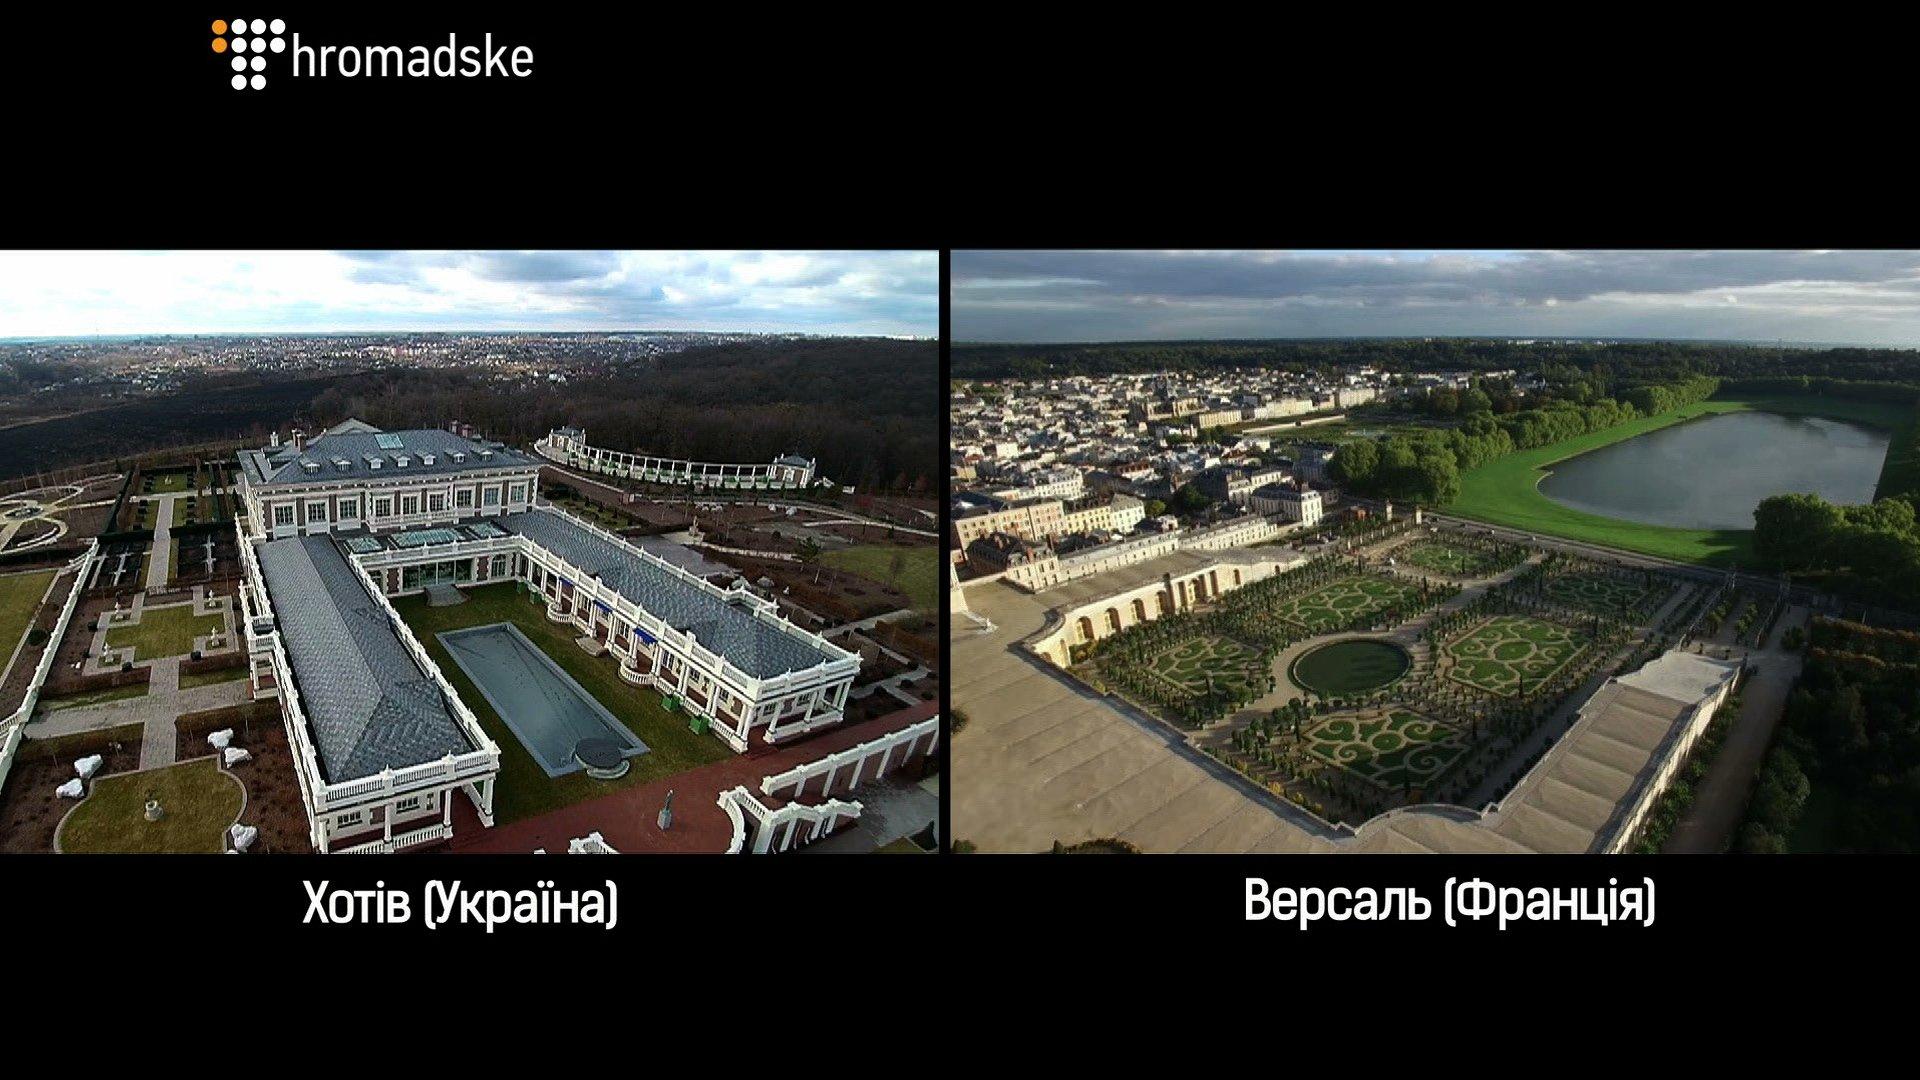 Фото: Громадське ТВ